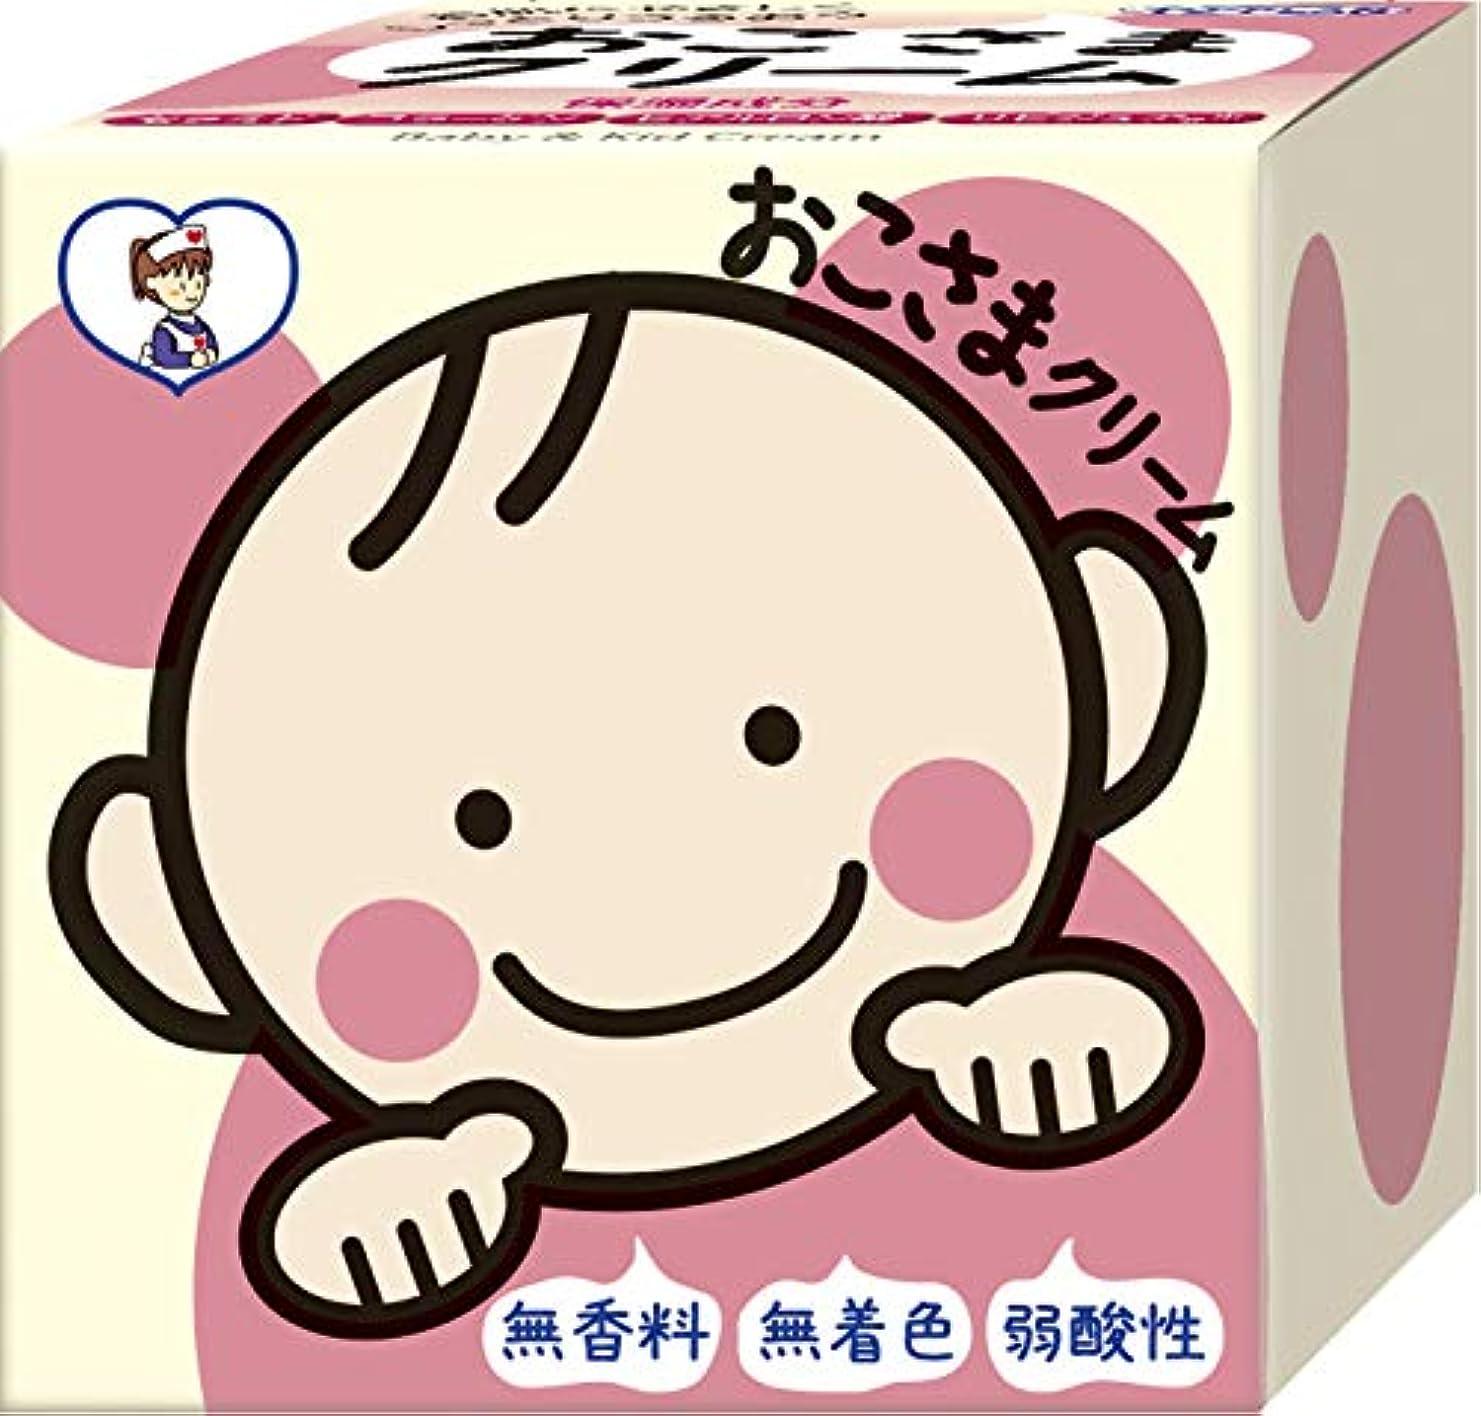 着実に論理的に成功TO-PLAN(トプラン) おこさまクリーム110g 無着色 無香料 低刺激クリーム